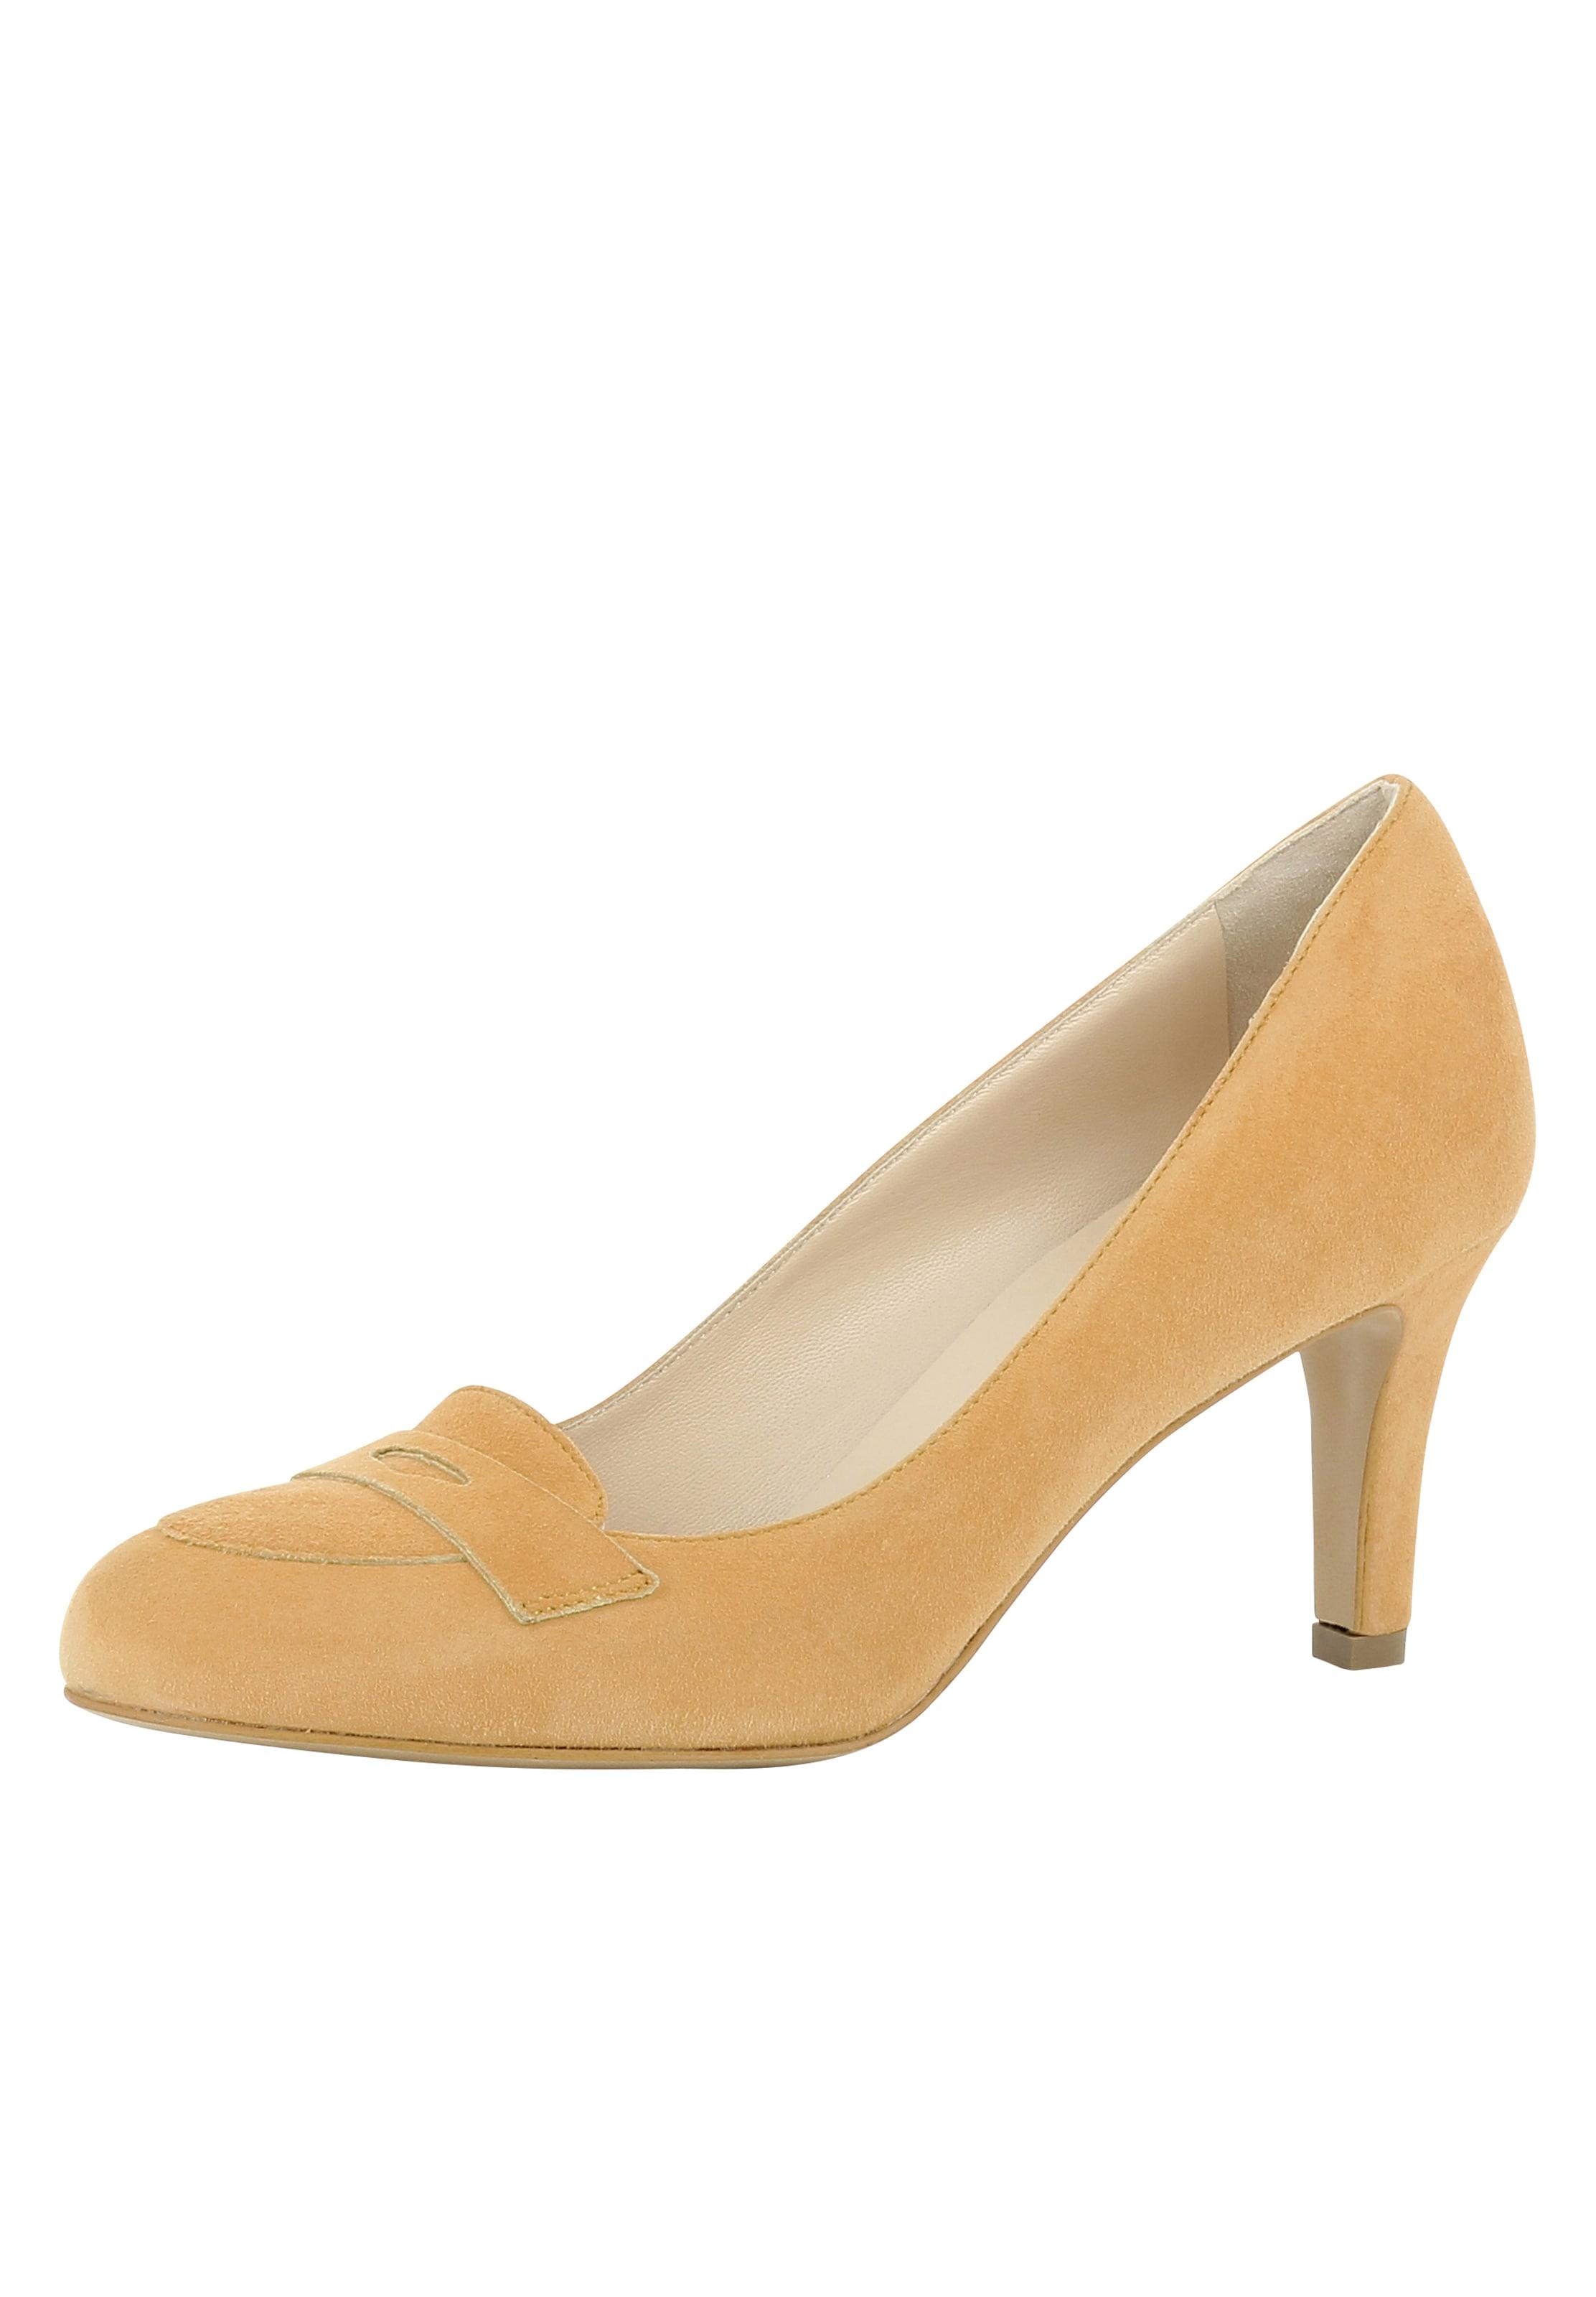 EVITA Pumps BIANCA Verschleißfeste billige Schuhe